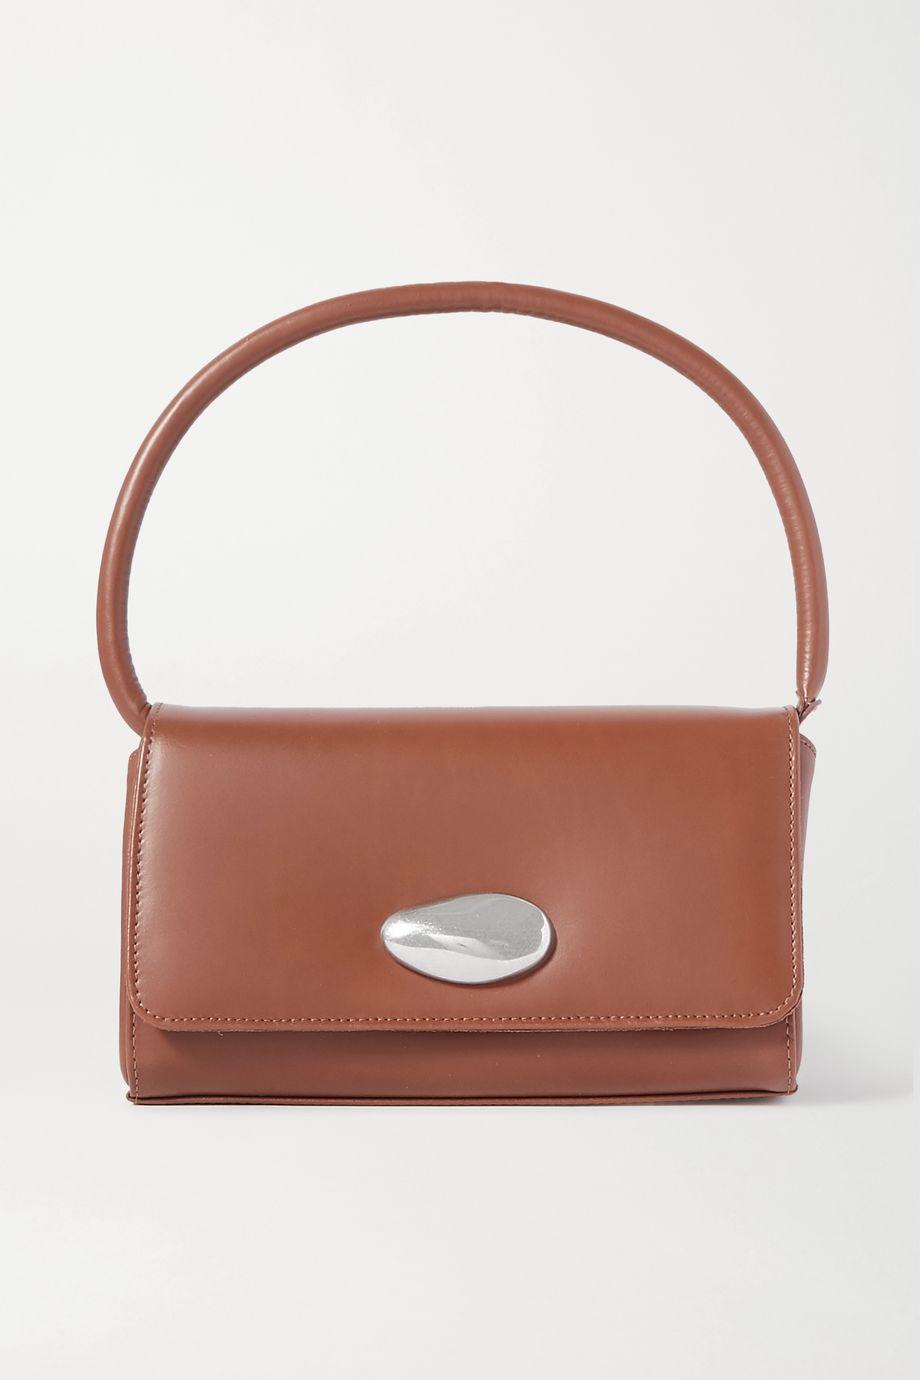 Little Liffner Baguette small leather shoulder bag